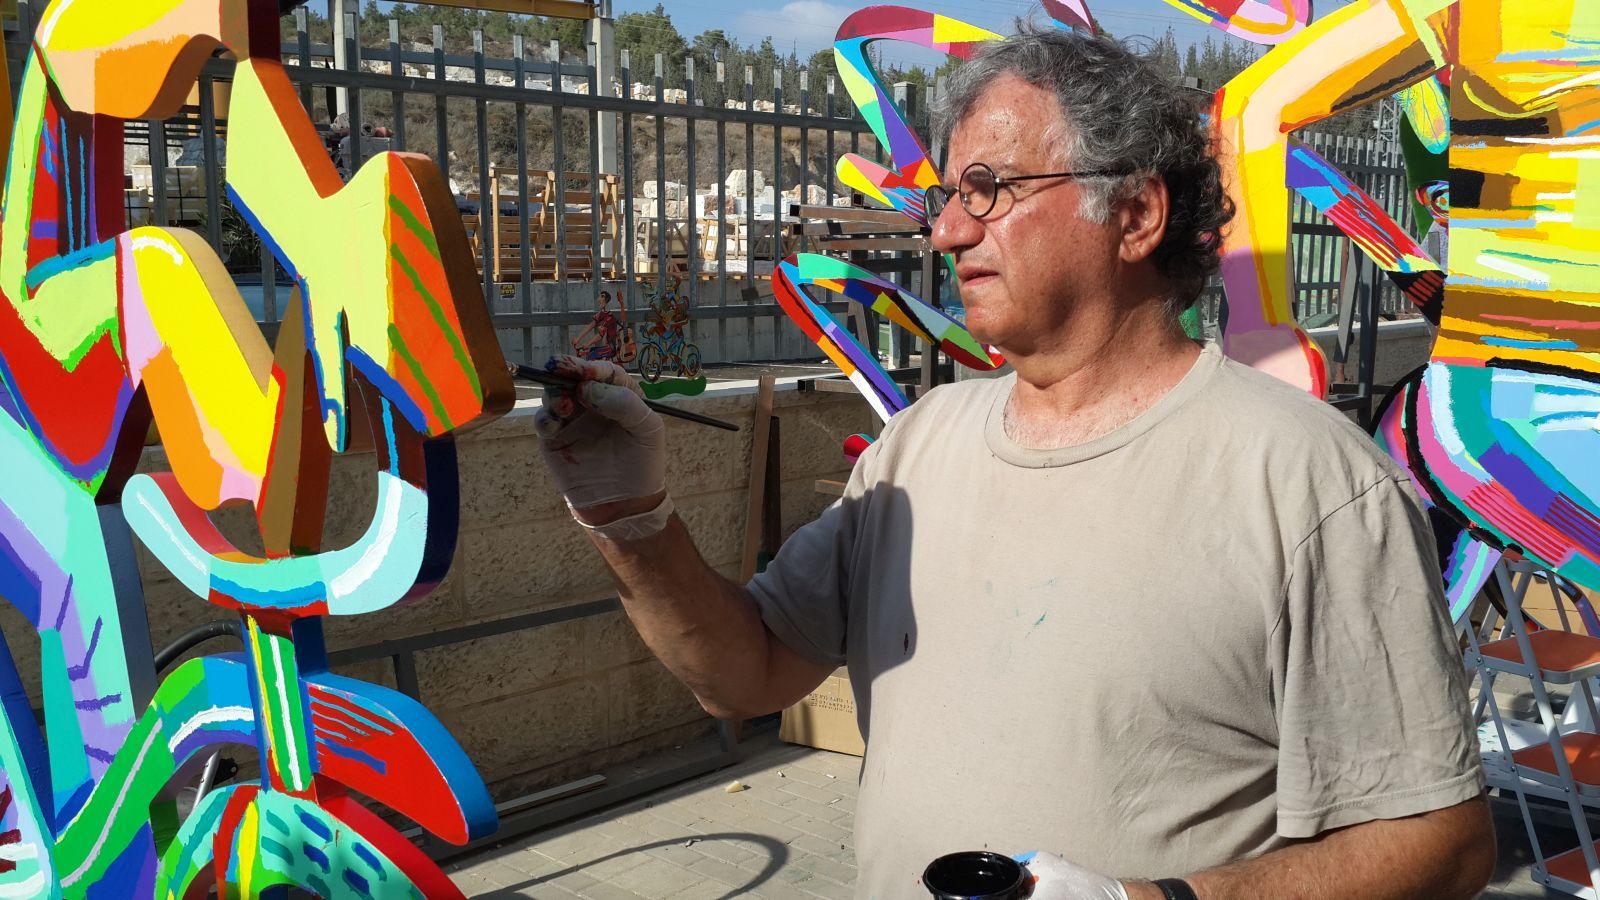 The artist at work. Photo courtesy of David Gerstein